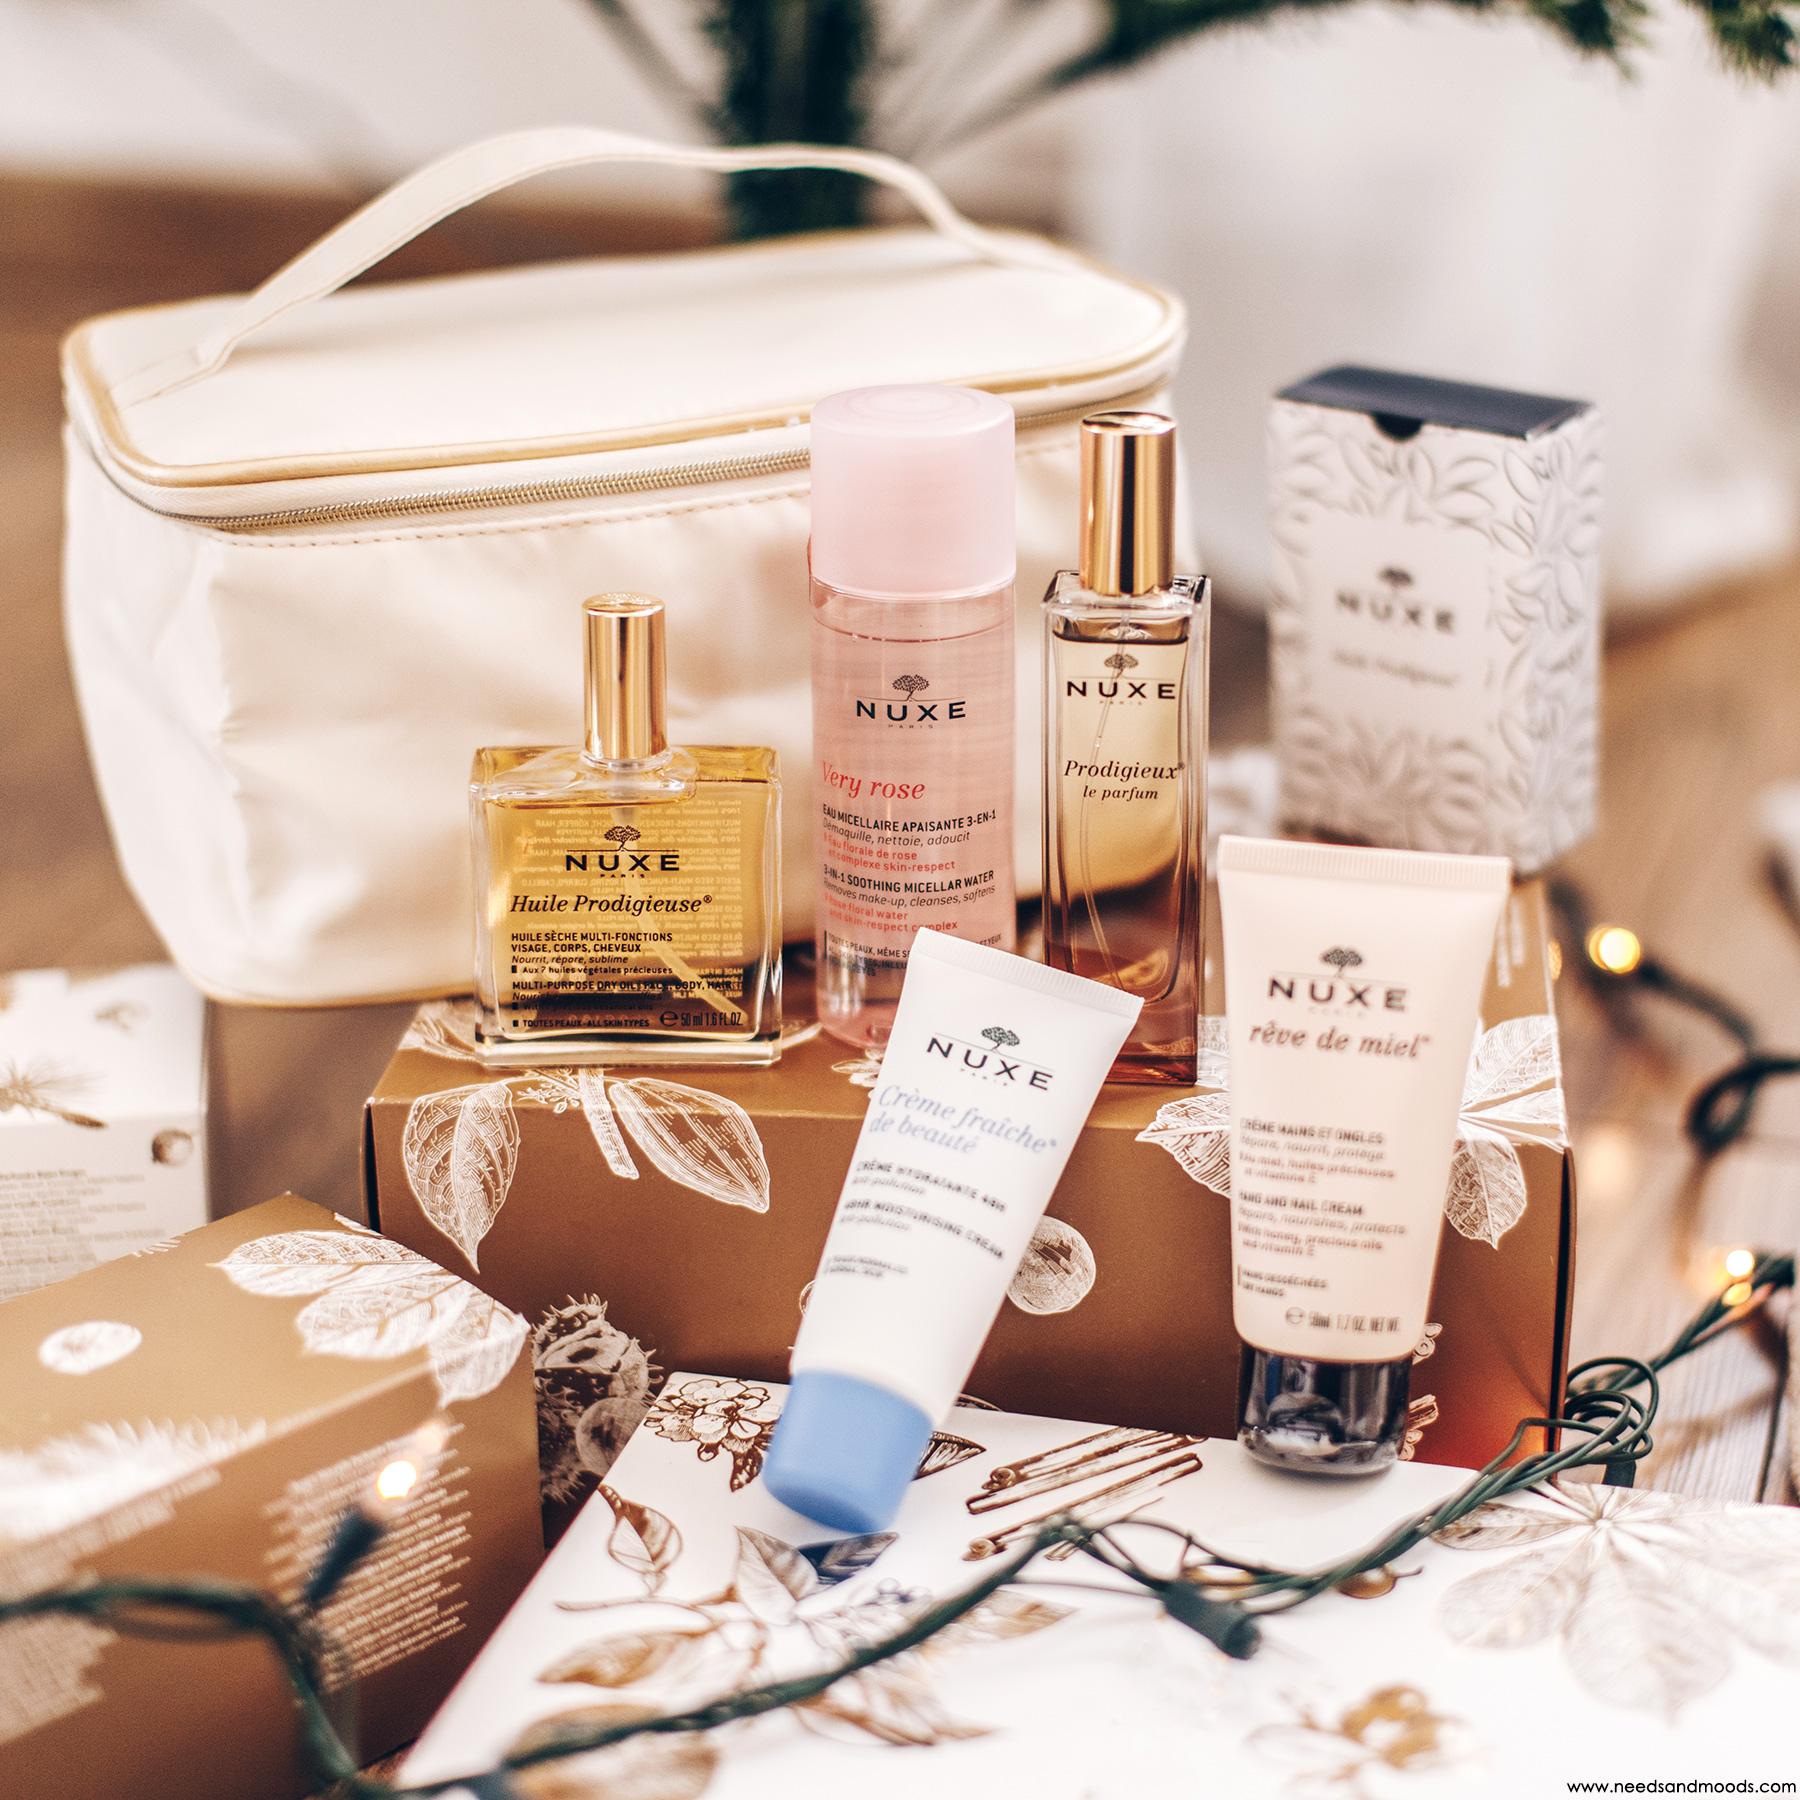 nuxe coffret cadeau vanity beaute contenu